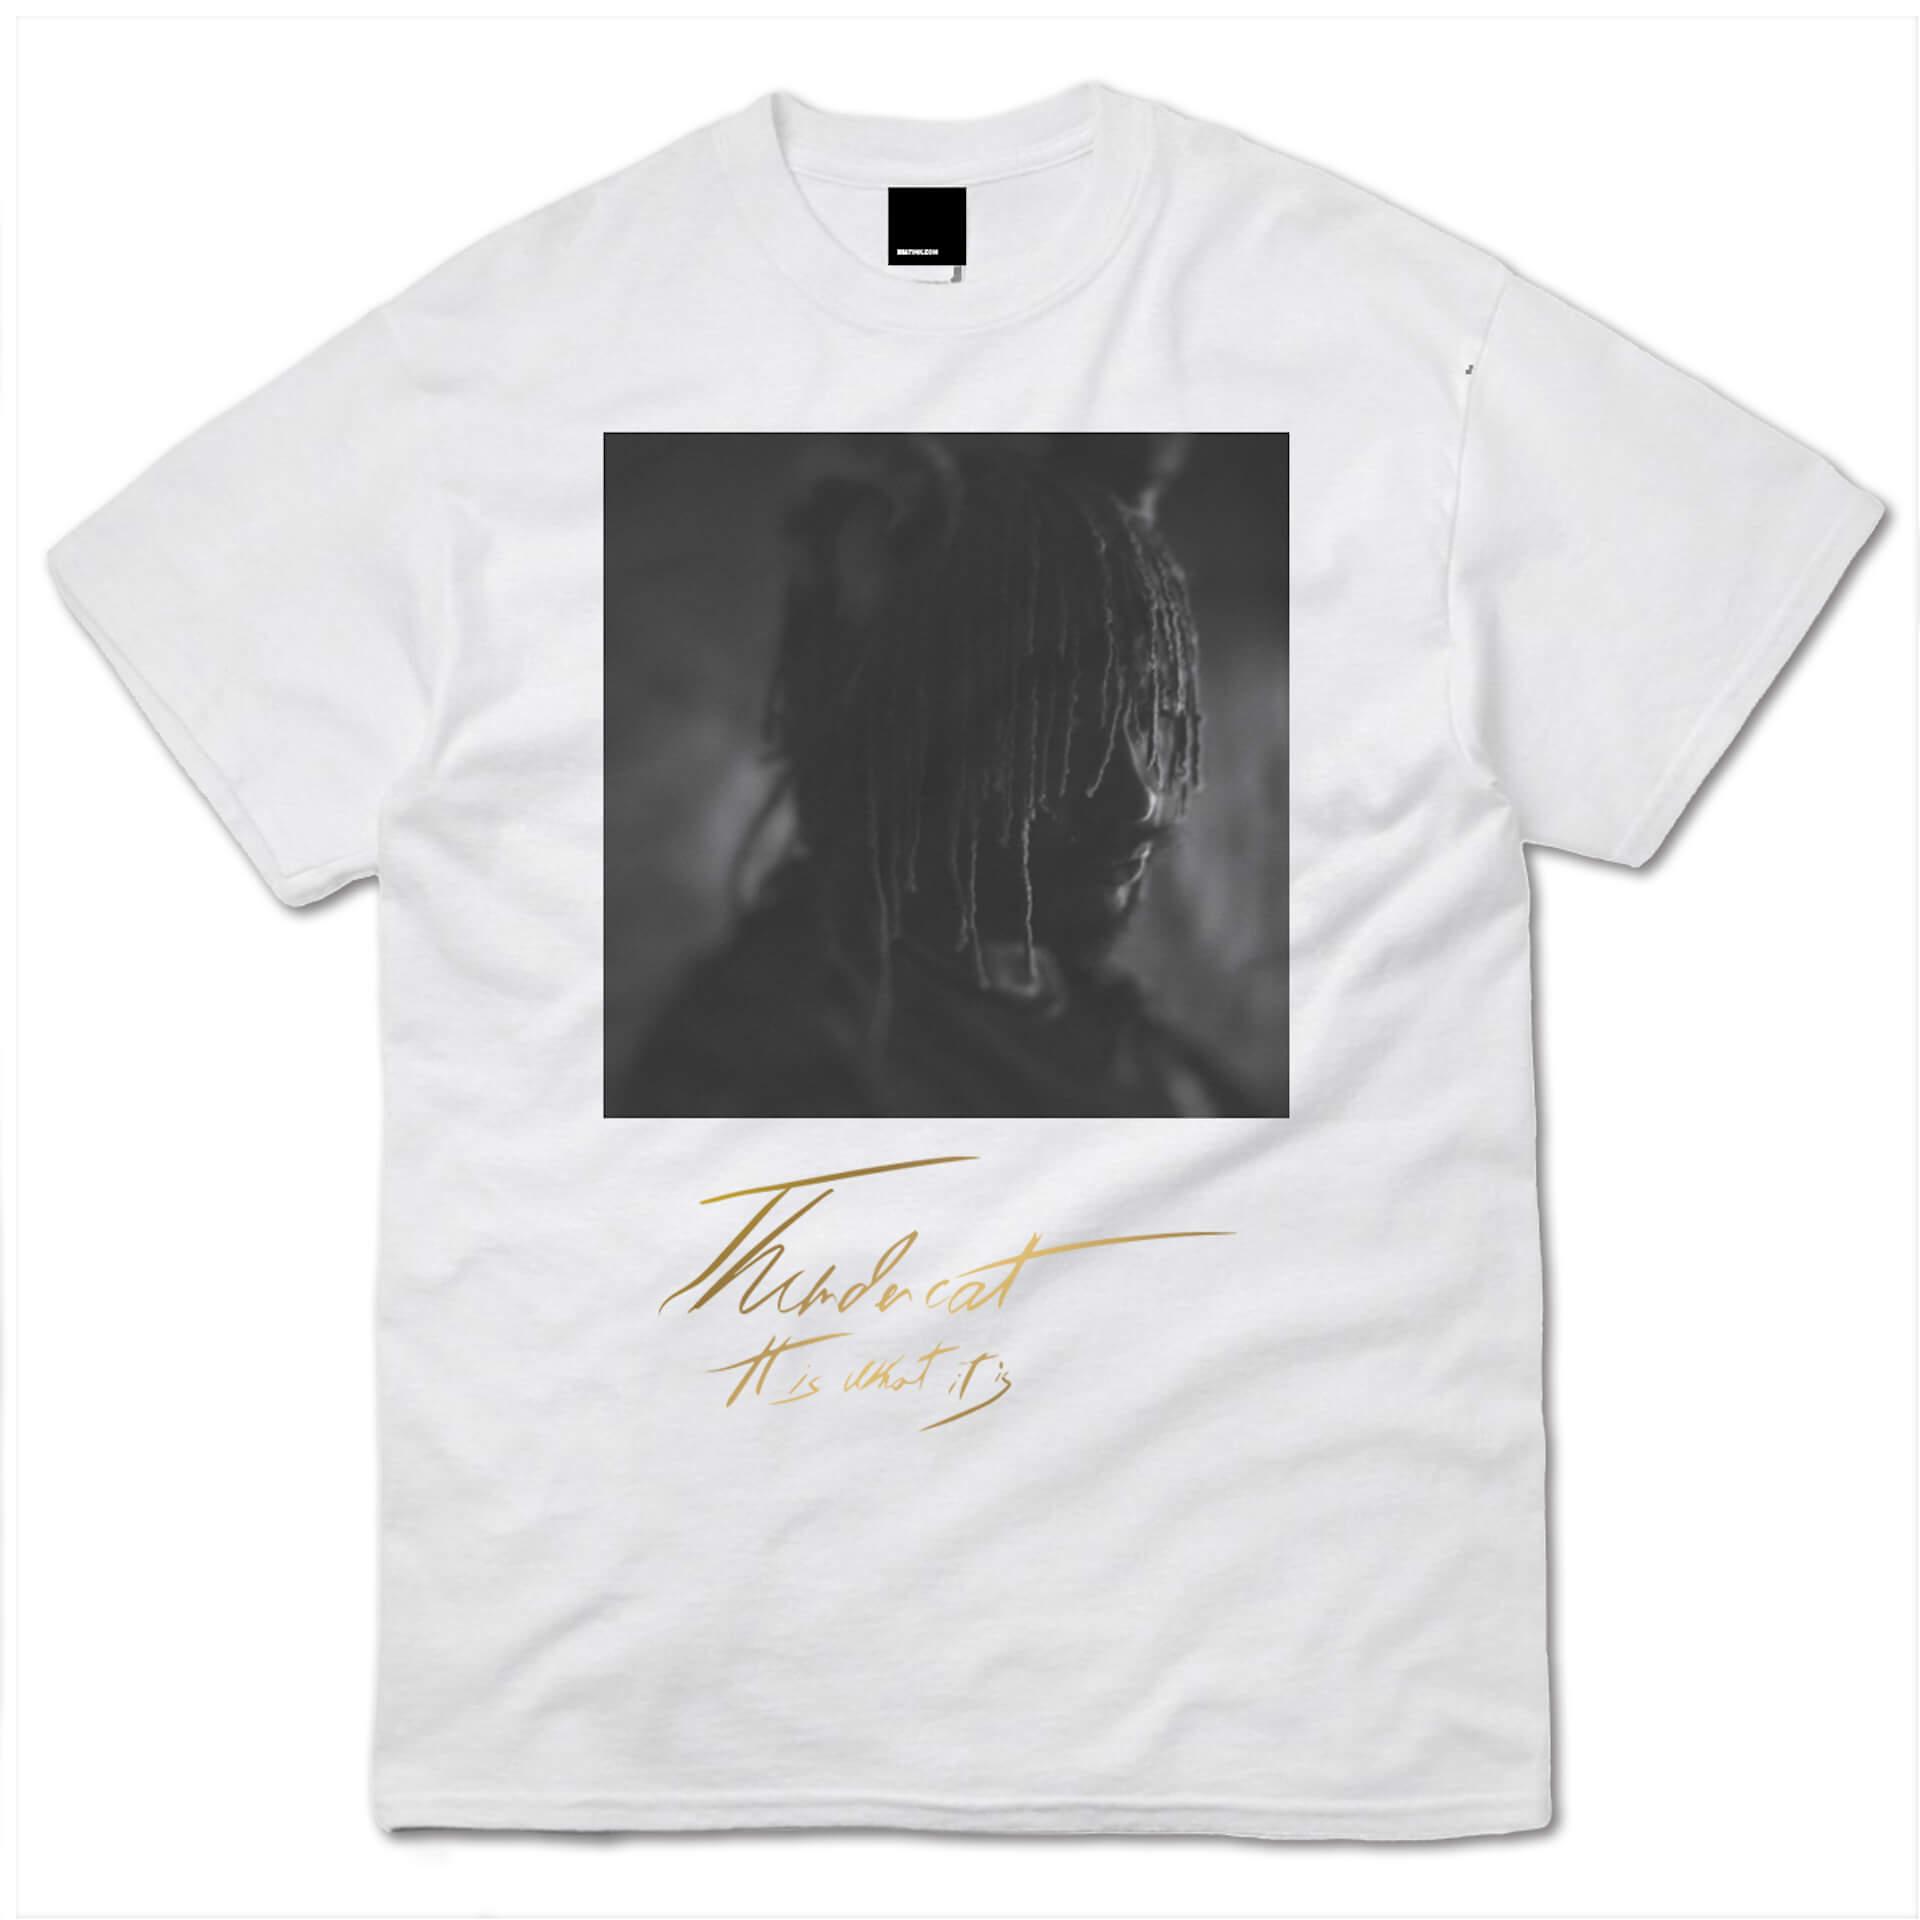 サンダーキャット話題の新作『It Is What It Is』の限定Tシャツセットデザインが公開|4種展開のLPプロダクトショットも解禁 music200129_thundercat_22